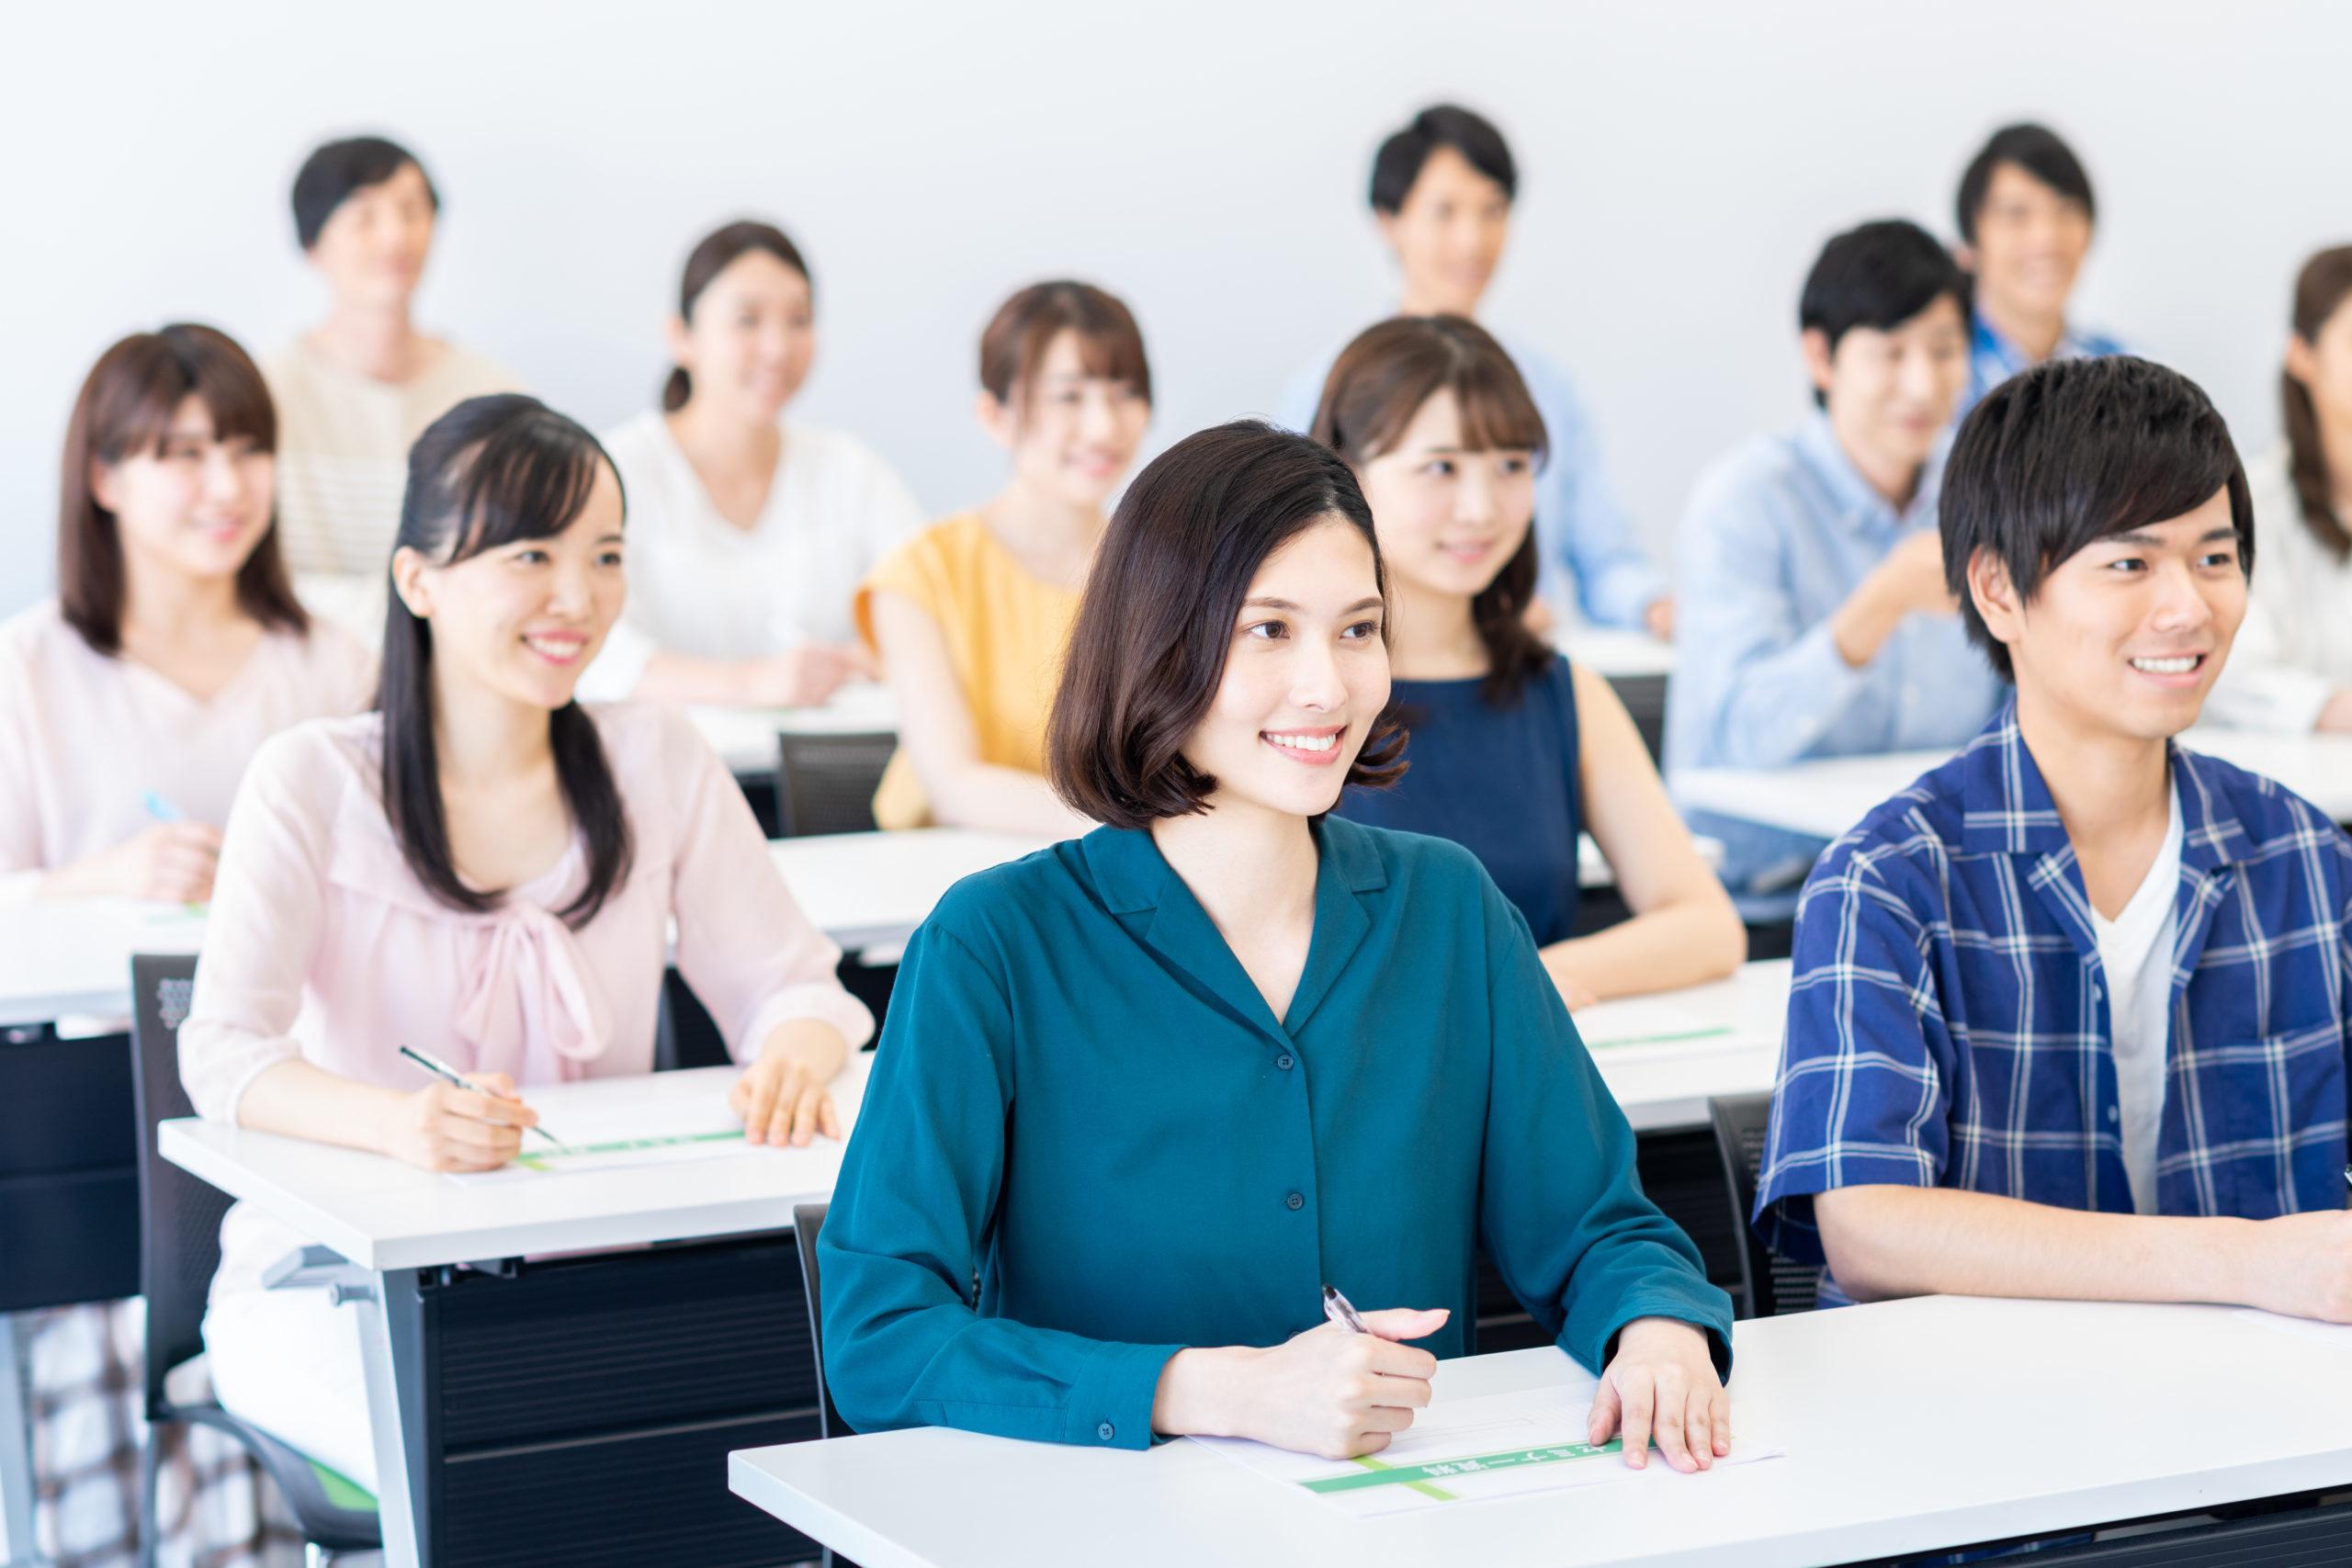 大阪・京都予備校・ミリカ予備校浪人生の部・ホーム6